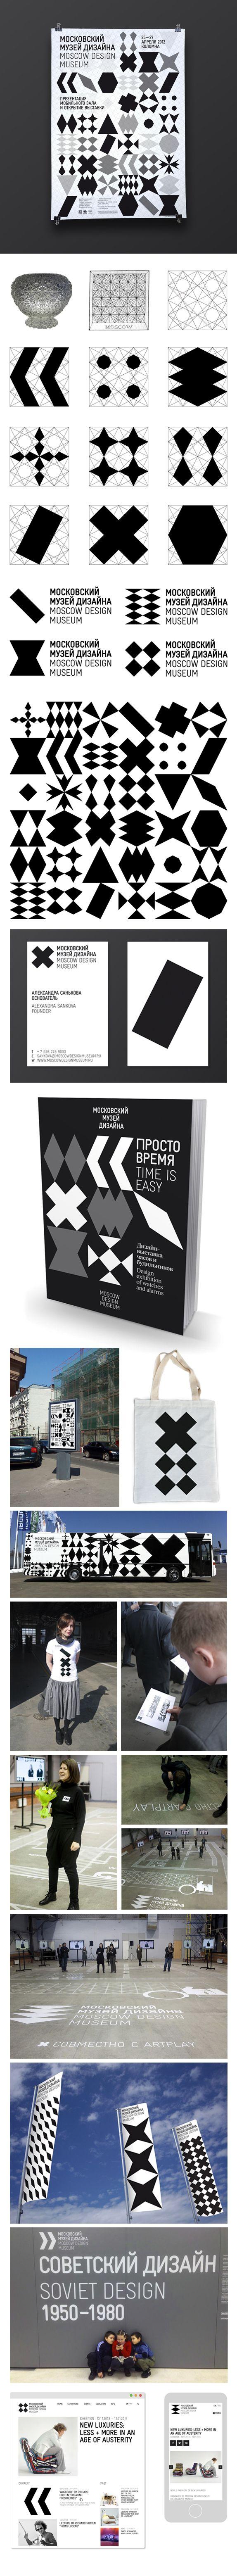 Moscow Design Museum | Lava Graphic Design, Amsterdam